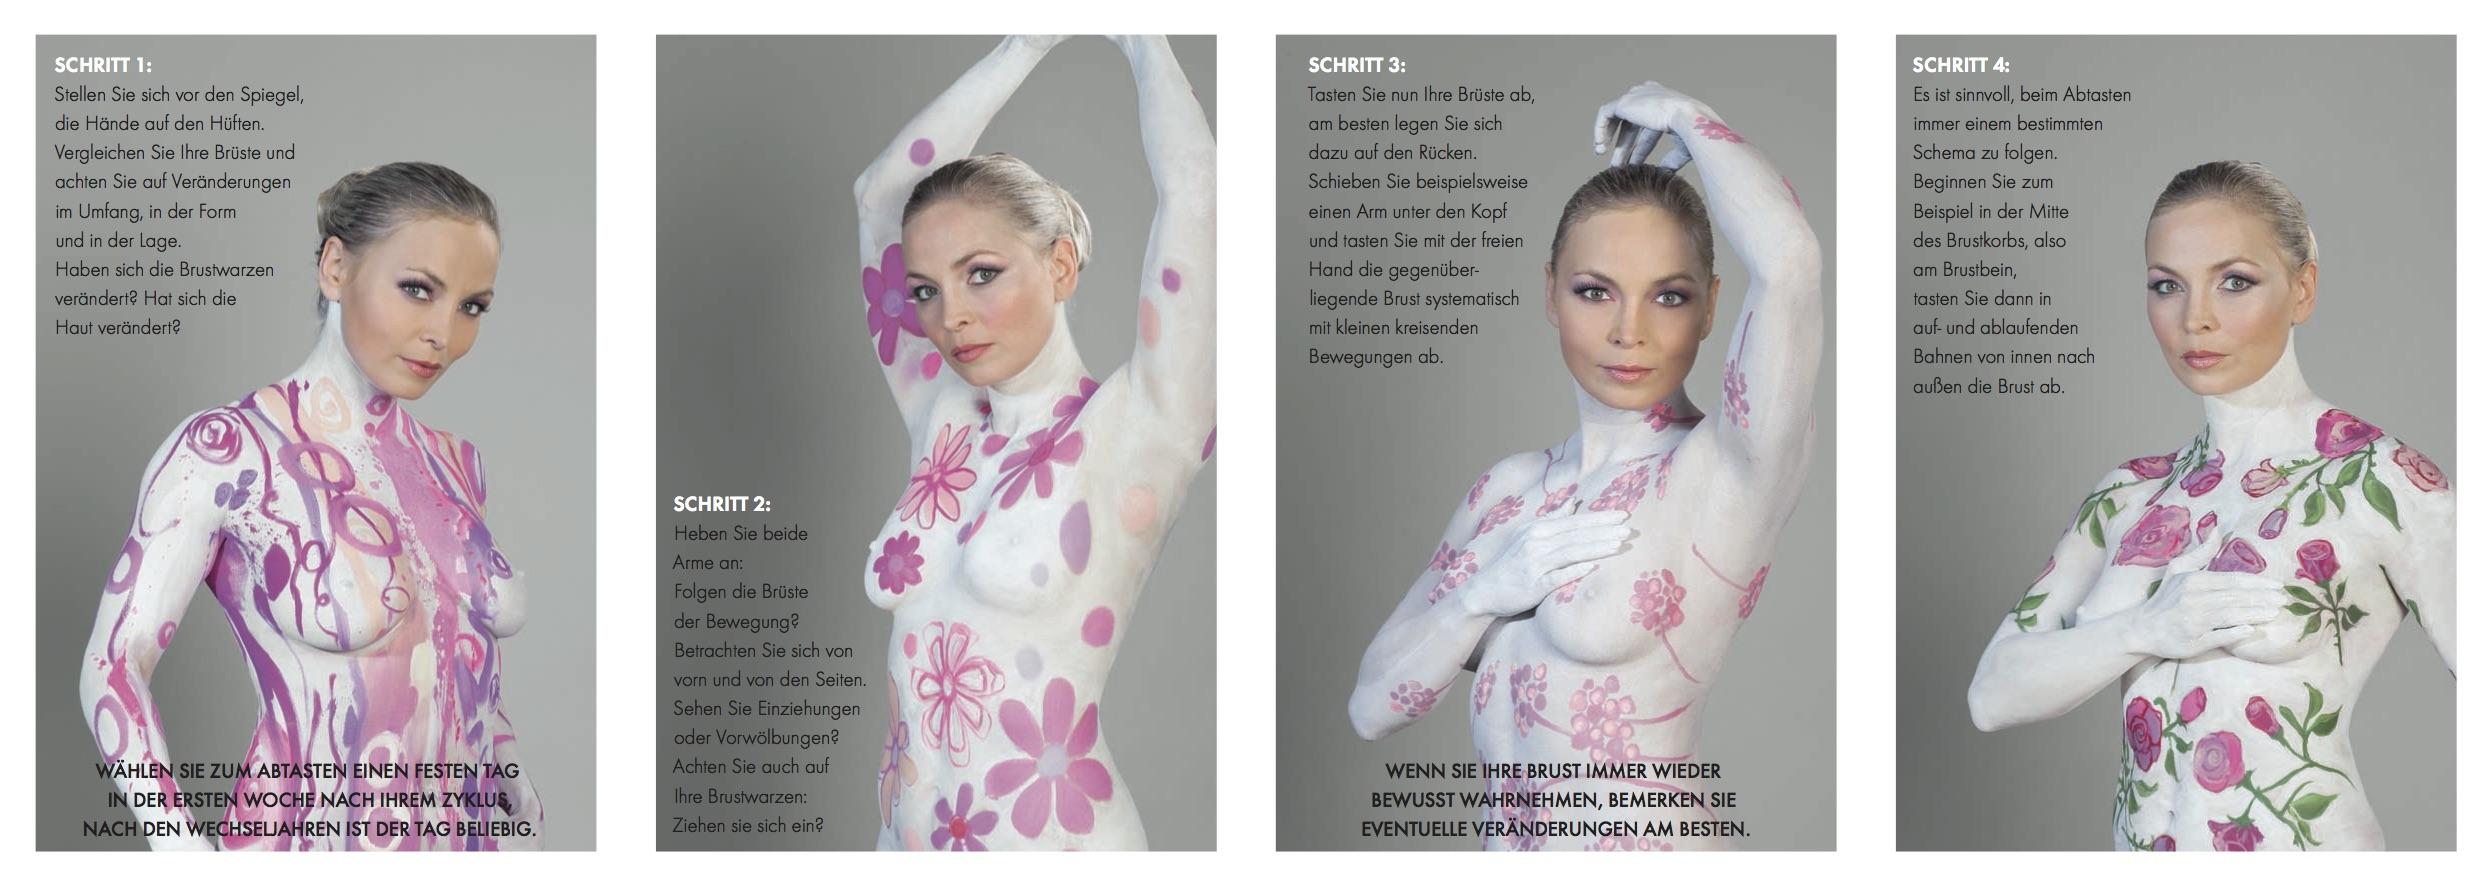 Pink Ribbon Deutschland-regina Halmich